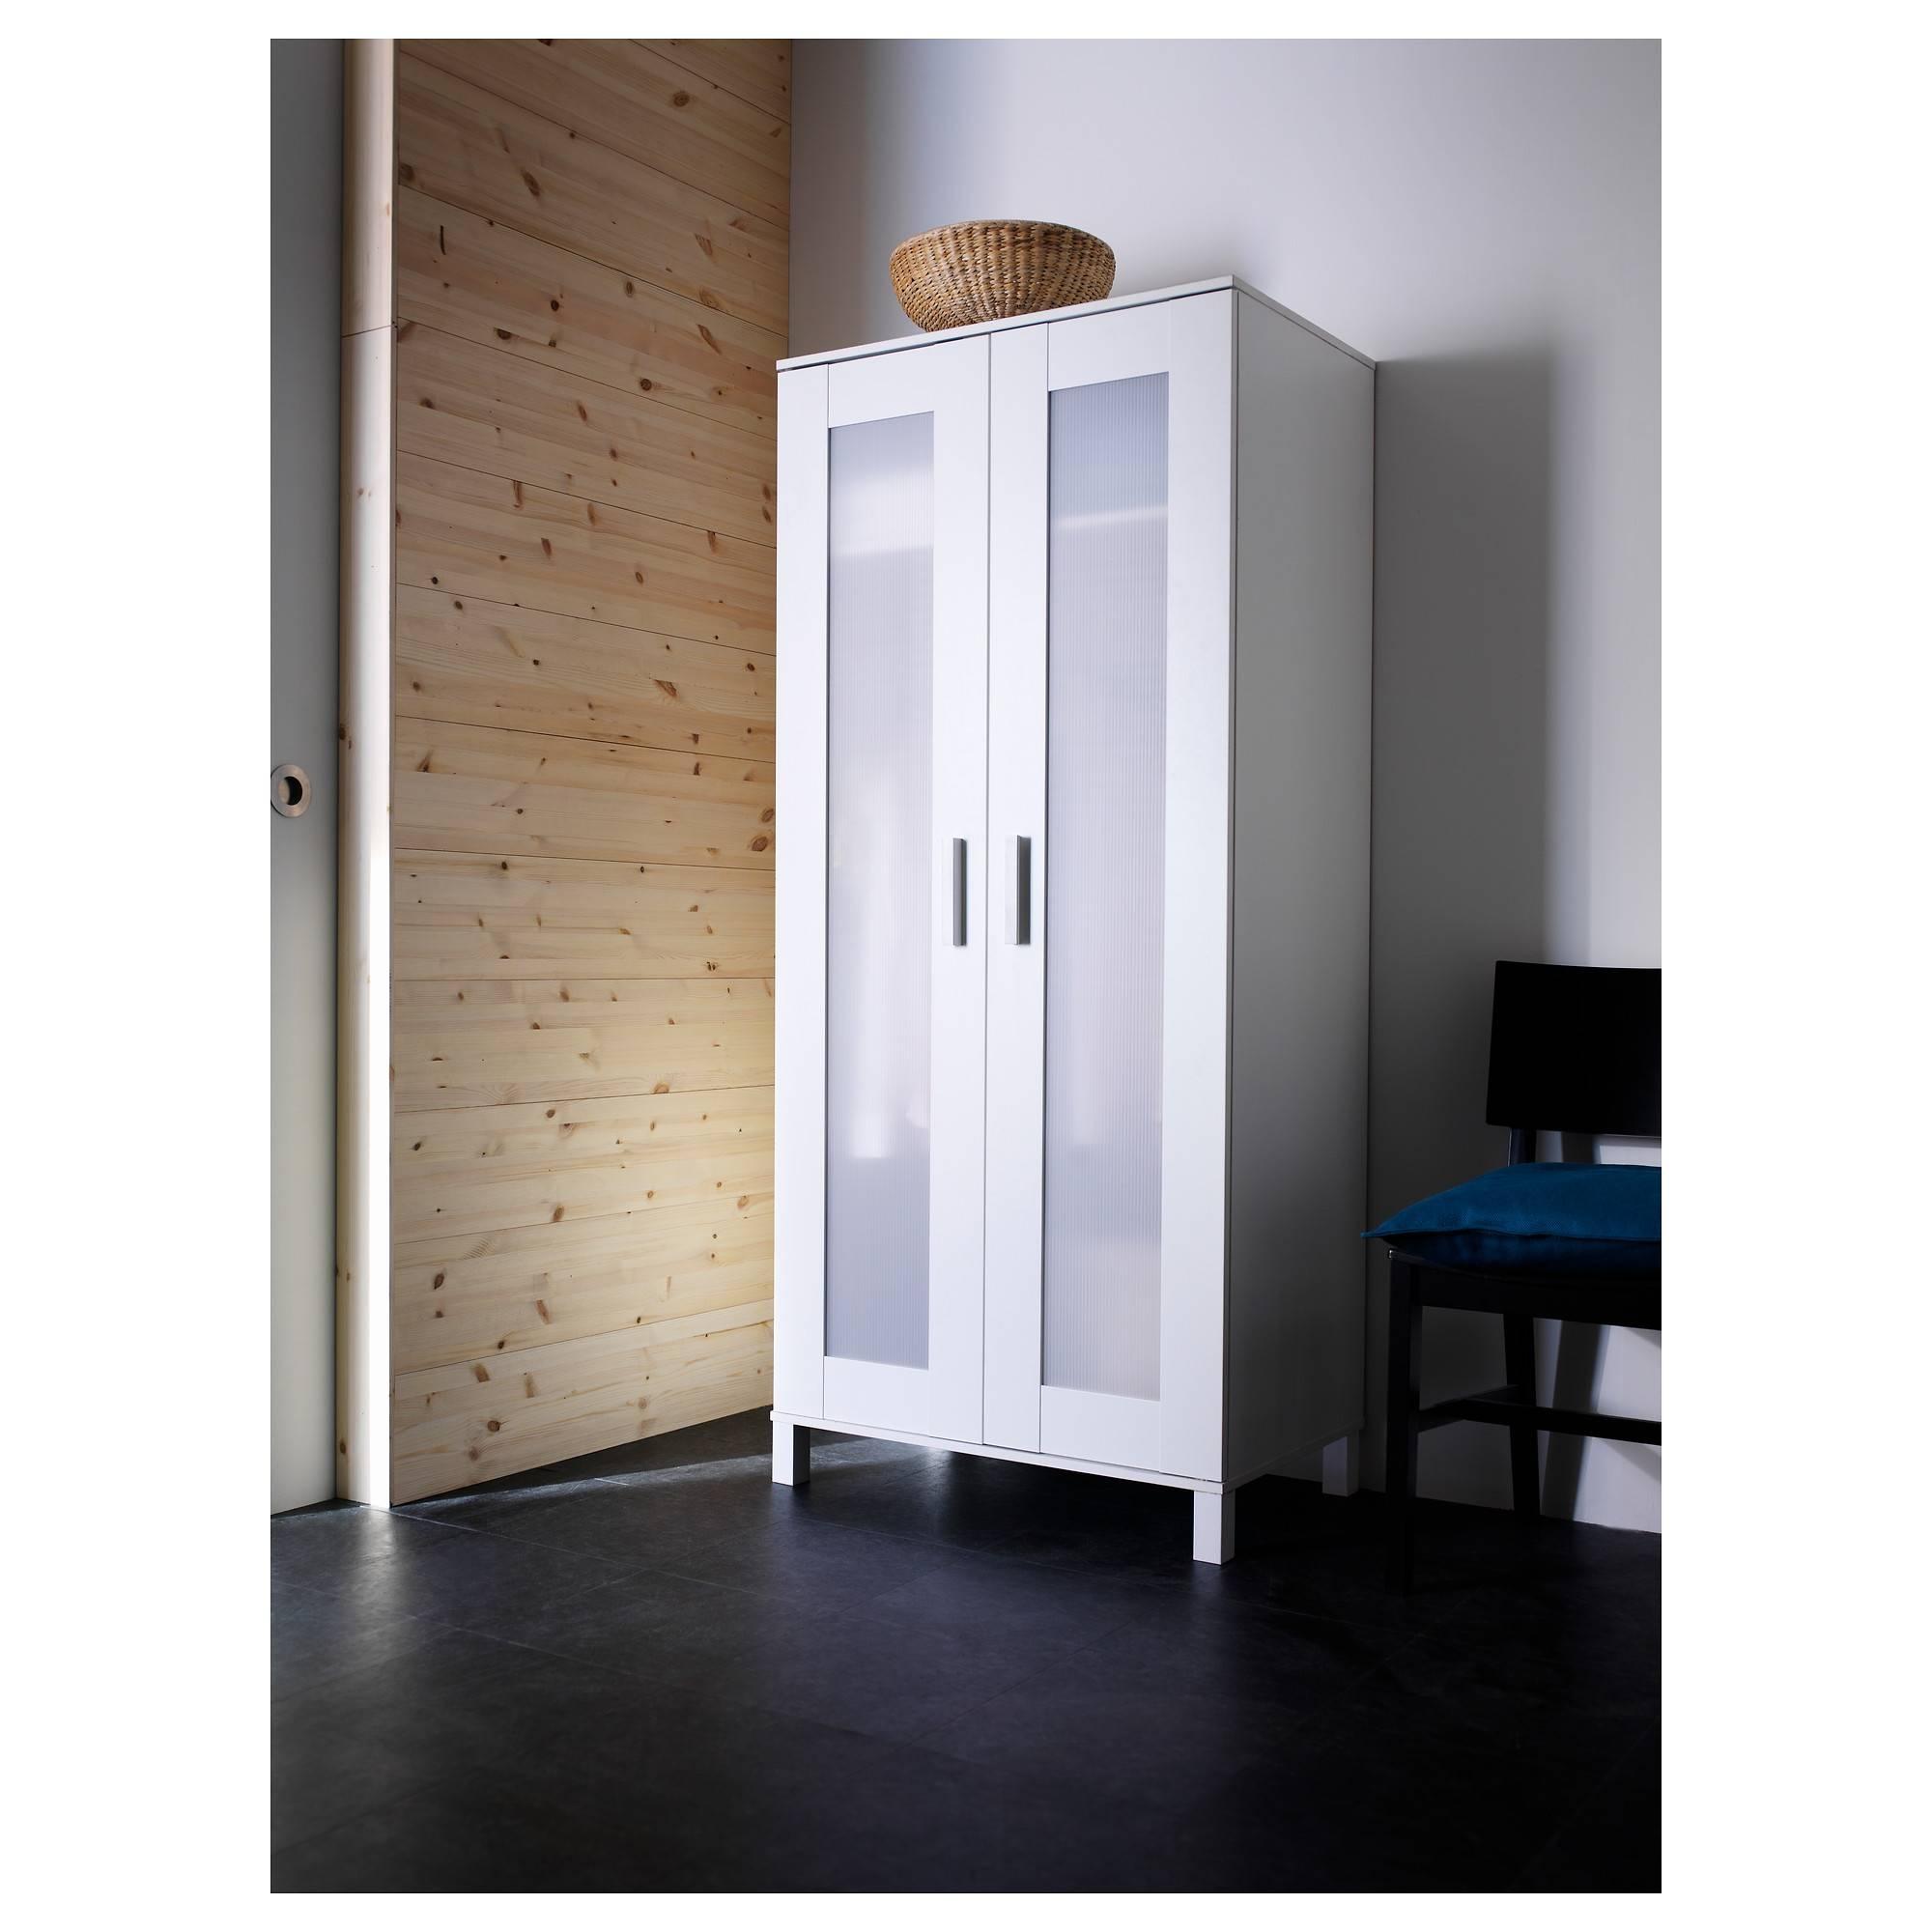 Aneboda Wardrobe White 81X180 Cm - Ikea regarding Single White Wardrobes With Mirror (Image 1 of 15)